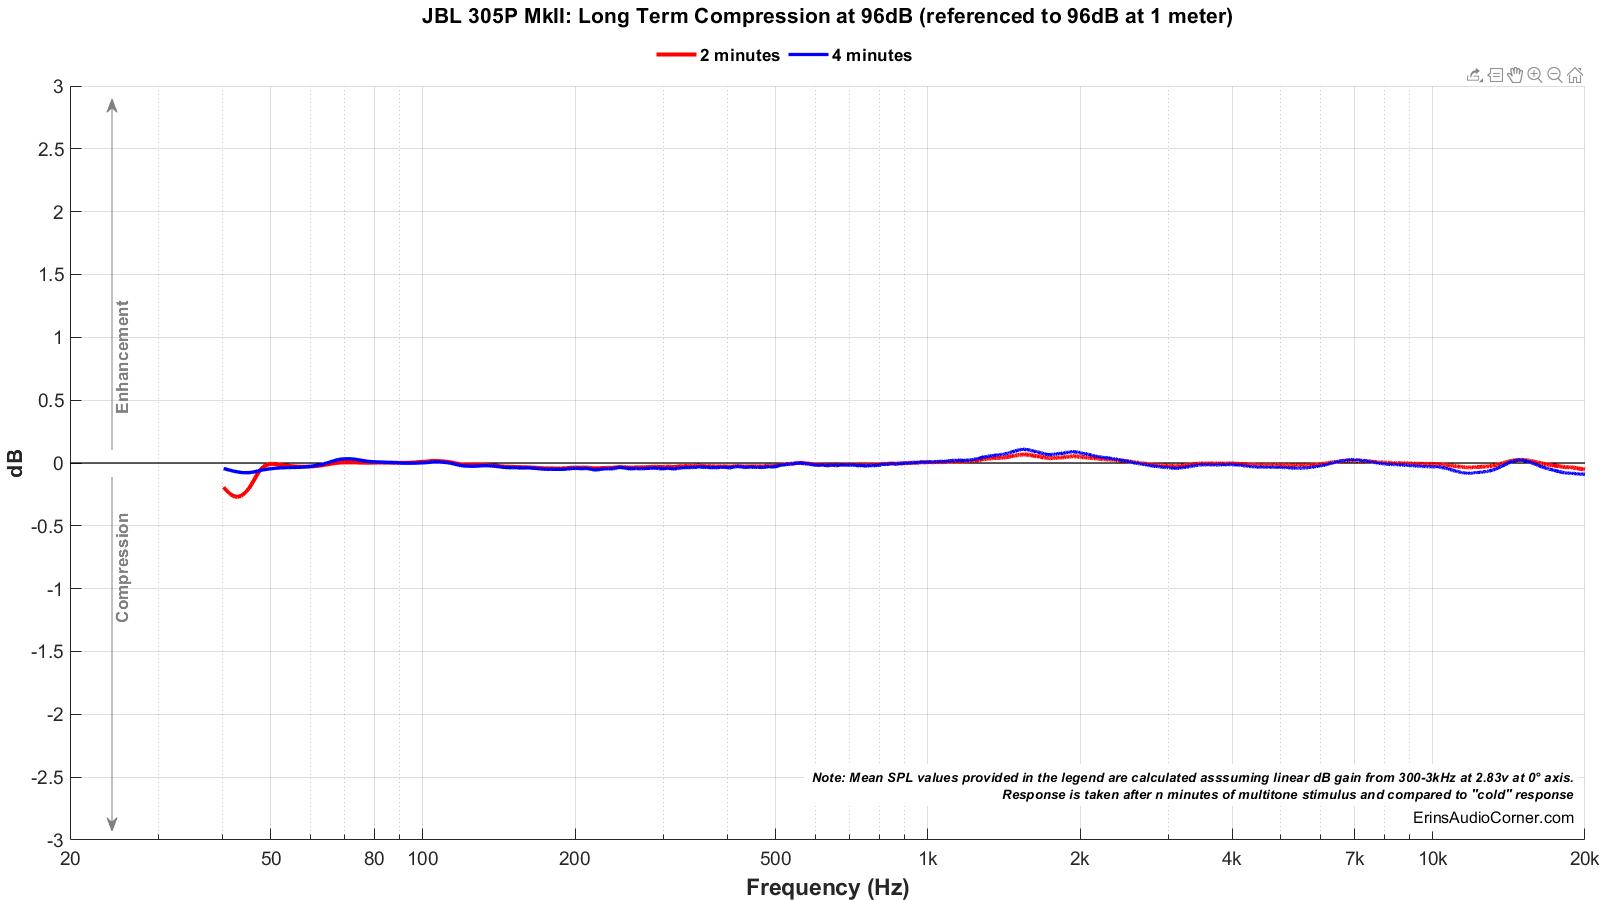 JBL%20305P%20MkII_Long_Term_96_Compression.png